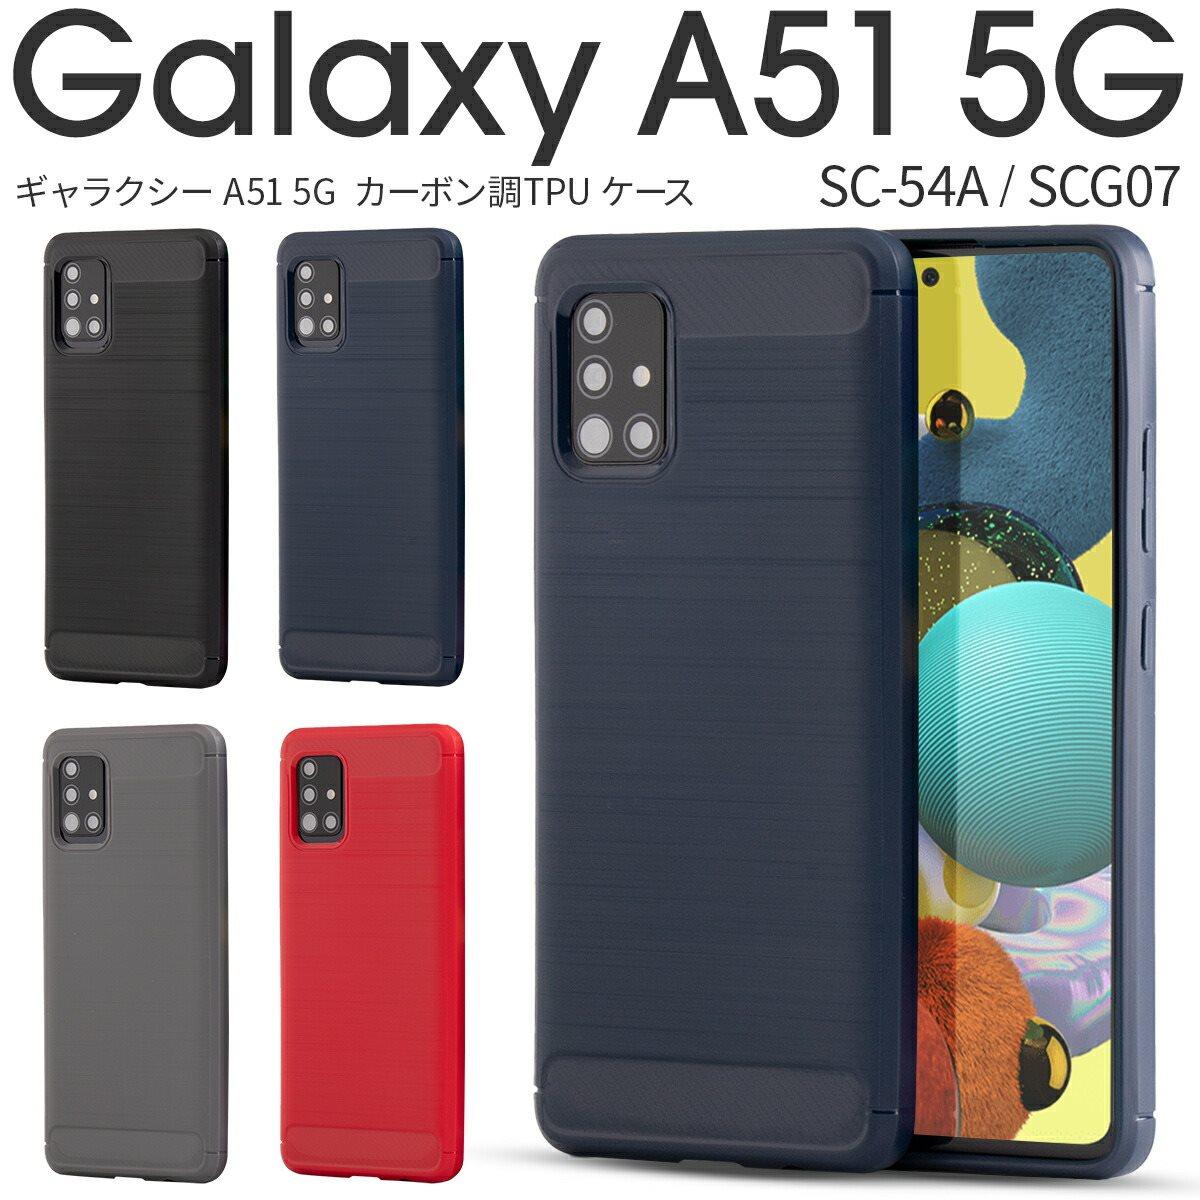 カーボン調TPUケース Galaxy A51 5G SCG07 ケース スマホケース シンプル 安心の実績 高価 買取 強化中 ギャラクシー 贈呈 カバー オシャレ サムスン おしゃれ カーボン